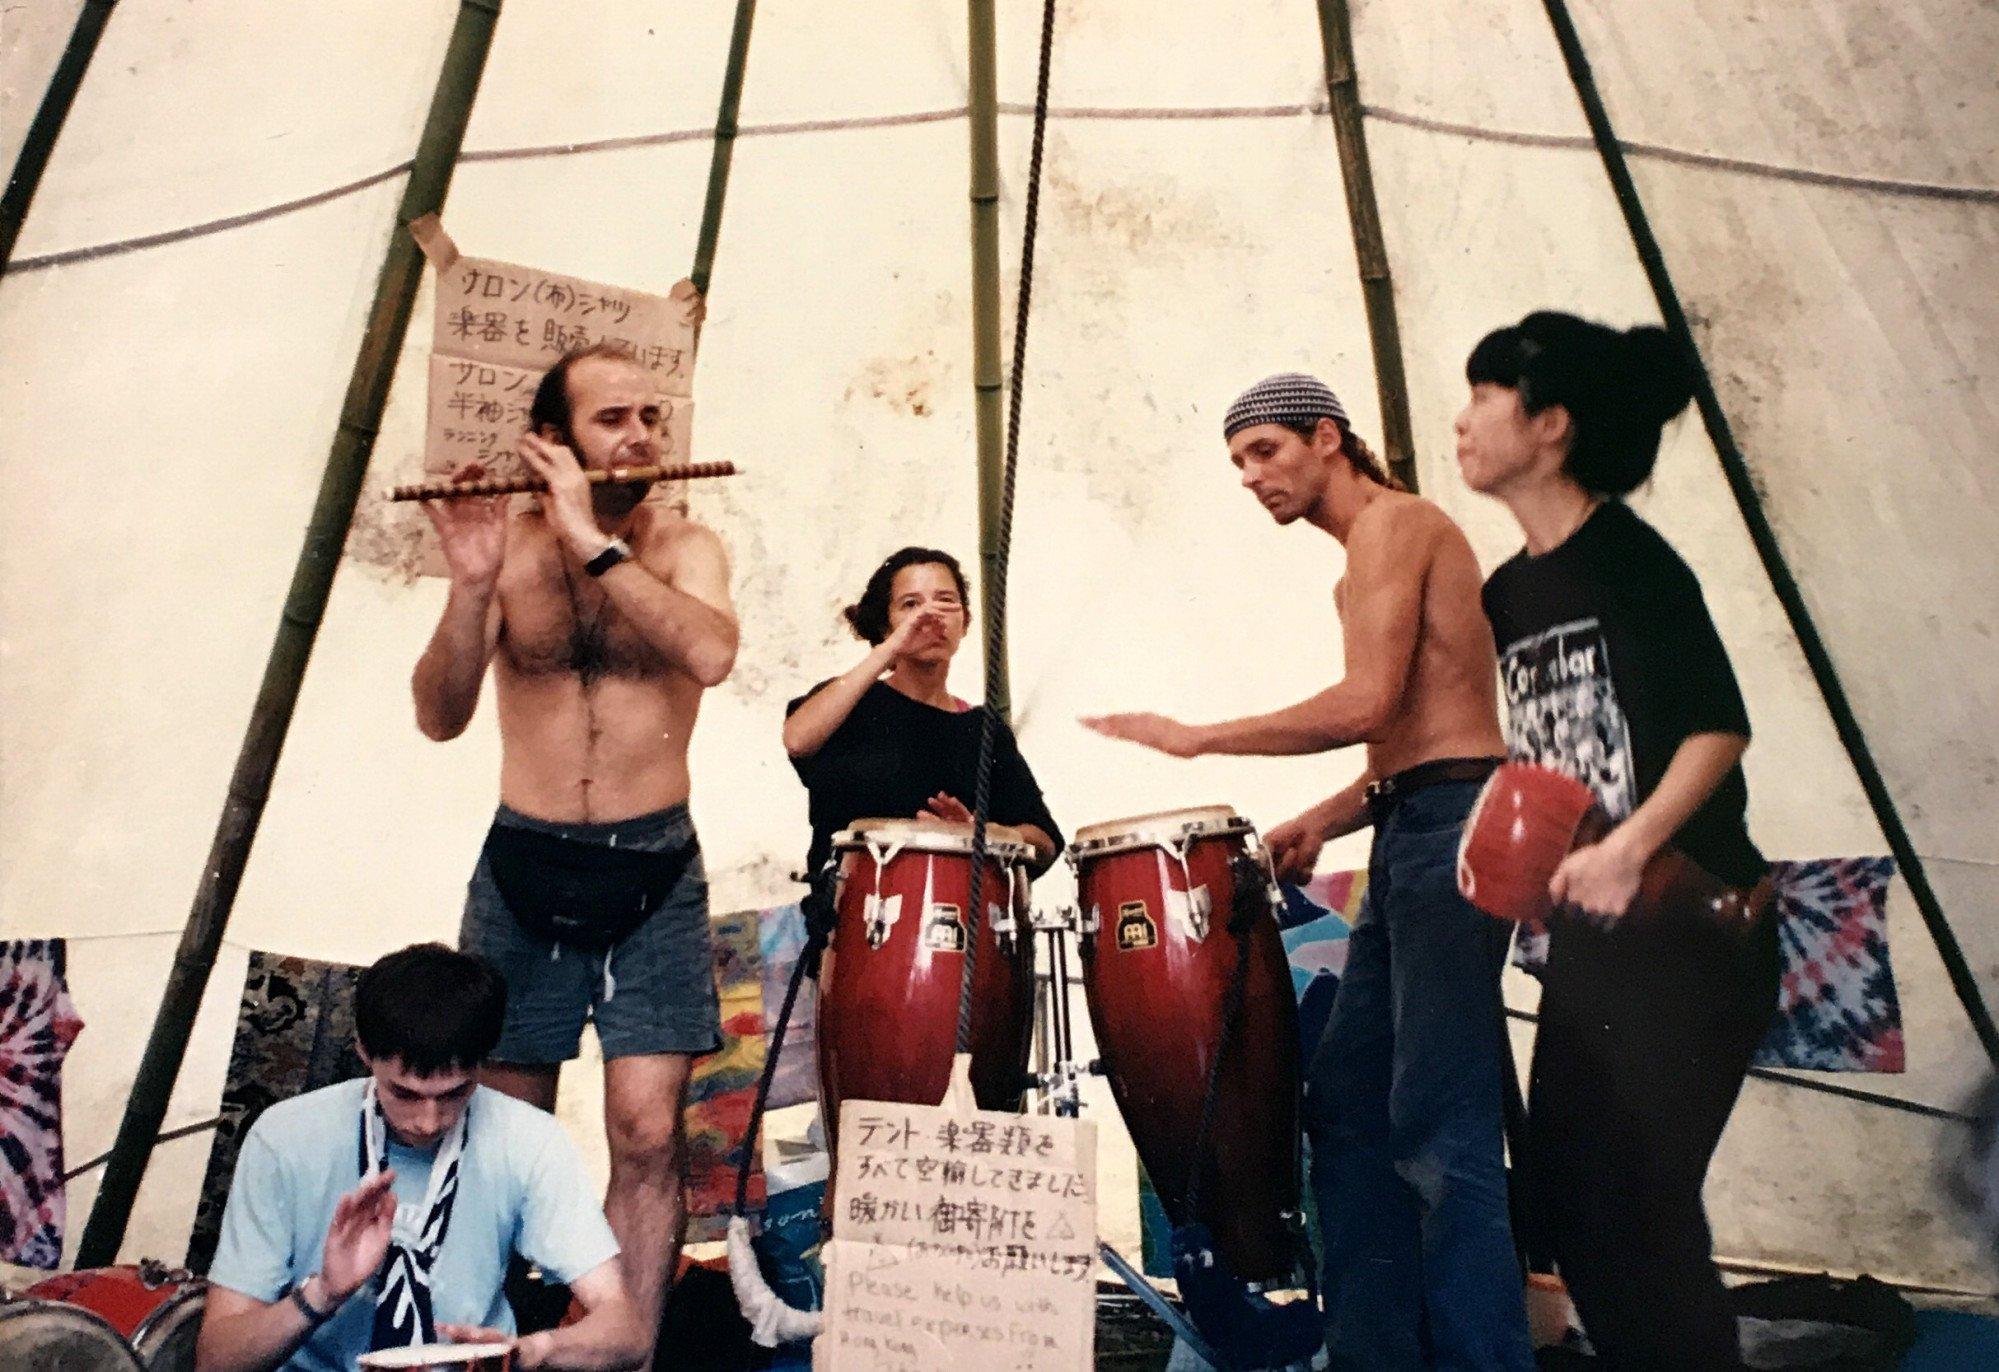 Masunaga (right) at the Earth Celebration music festival in Japan, in 1993. Photo: Kumi Masunaga